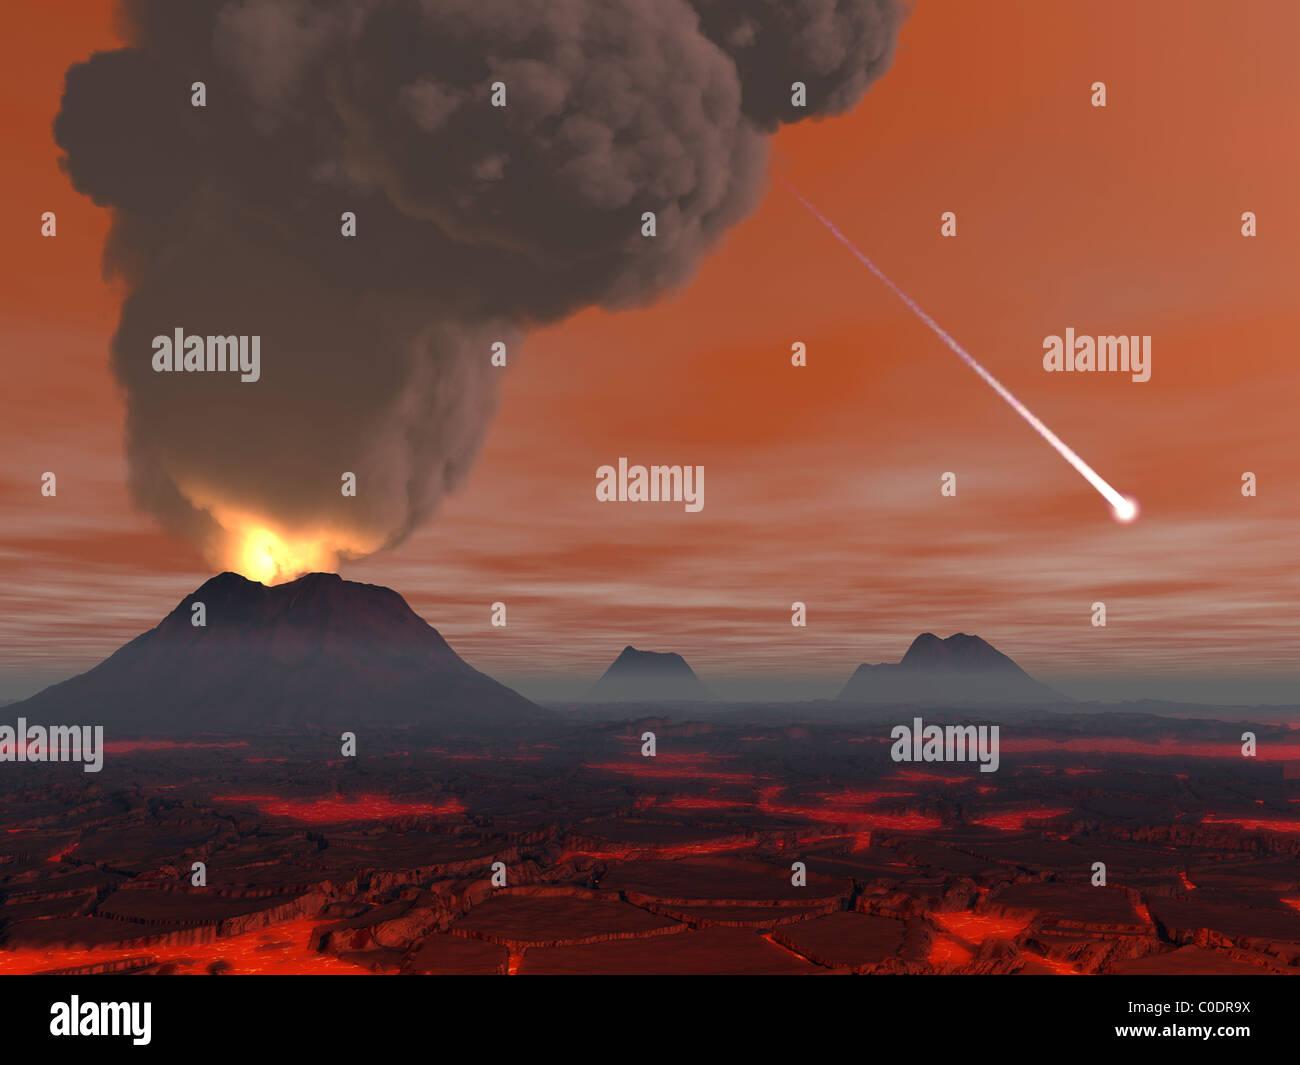 Concepto del artista mostrando cómo la superficie de la Tierra apareció durante el Hadean eon. Imagen De Stock